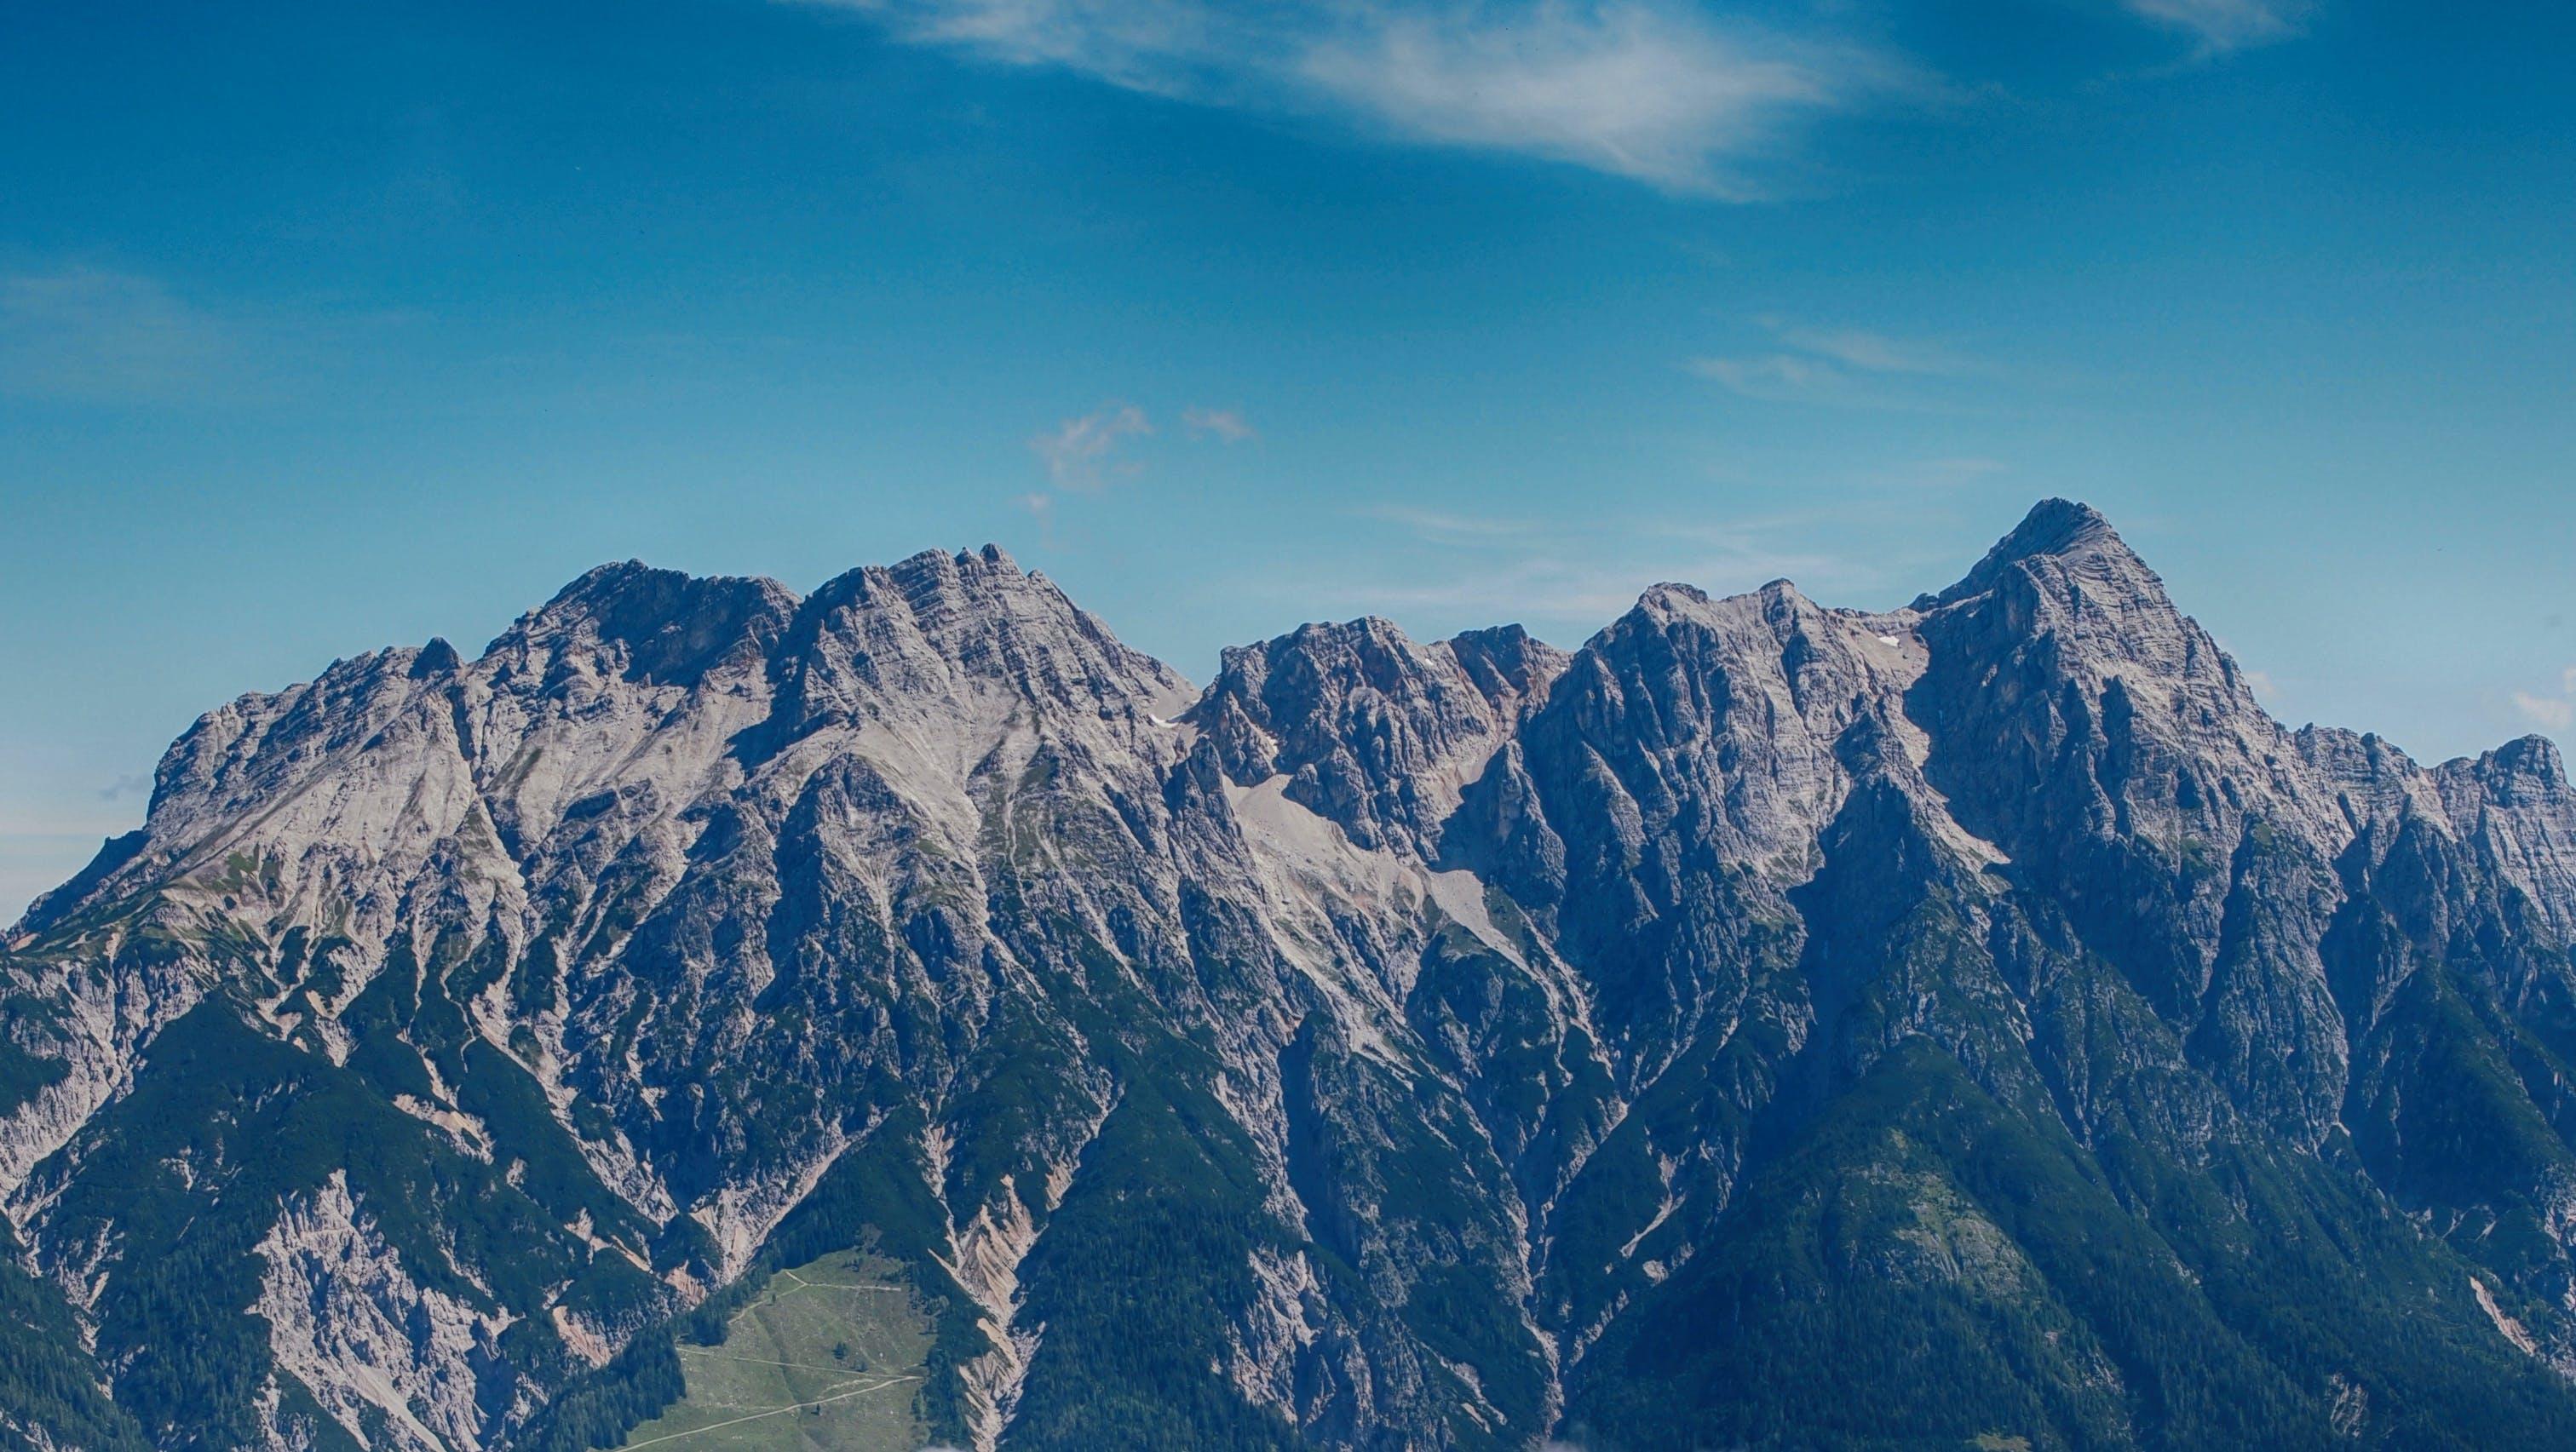 壯觀, 天性, 天空, 寧靜 的 免費圖庫相片